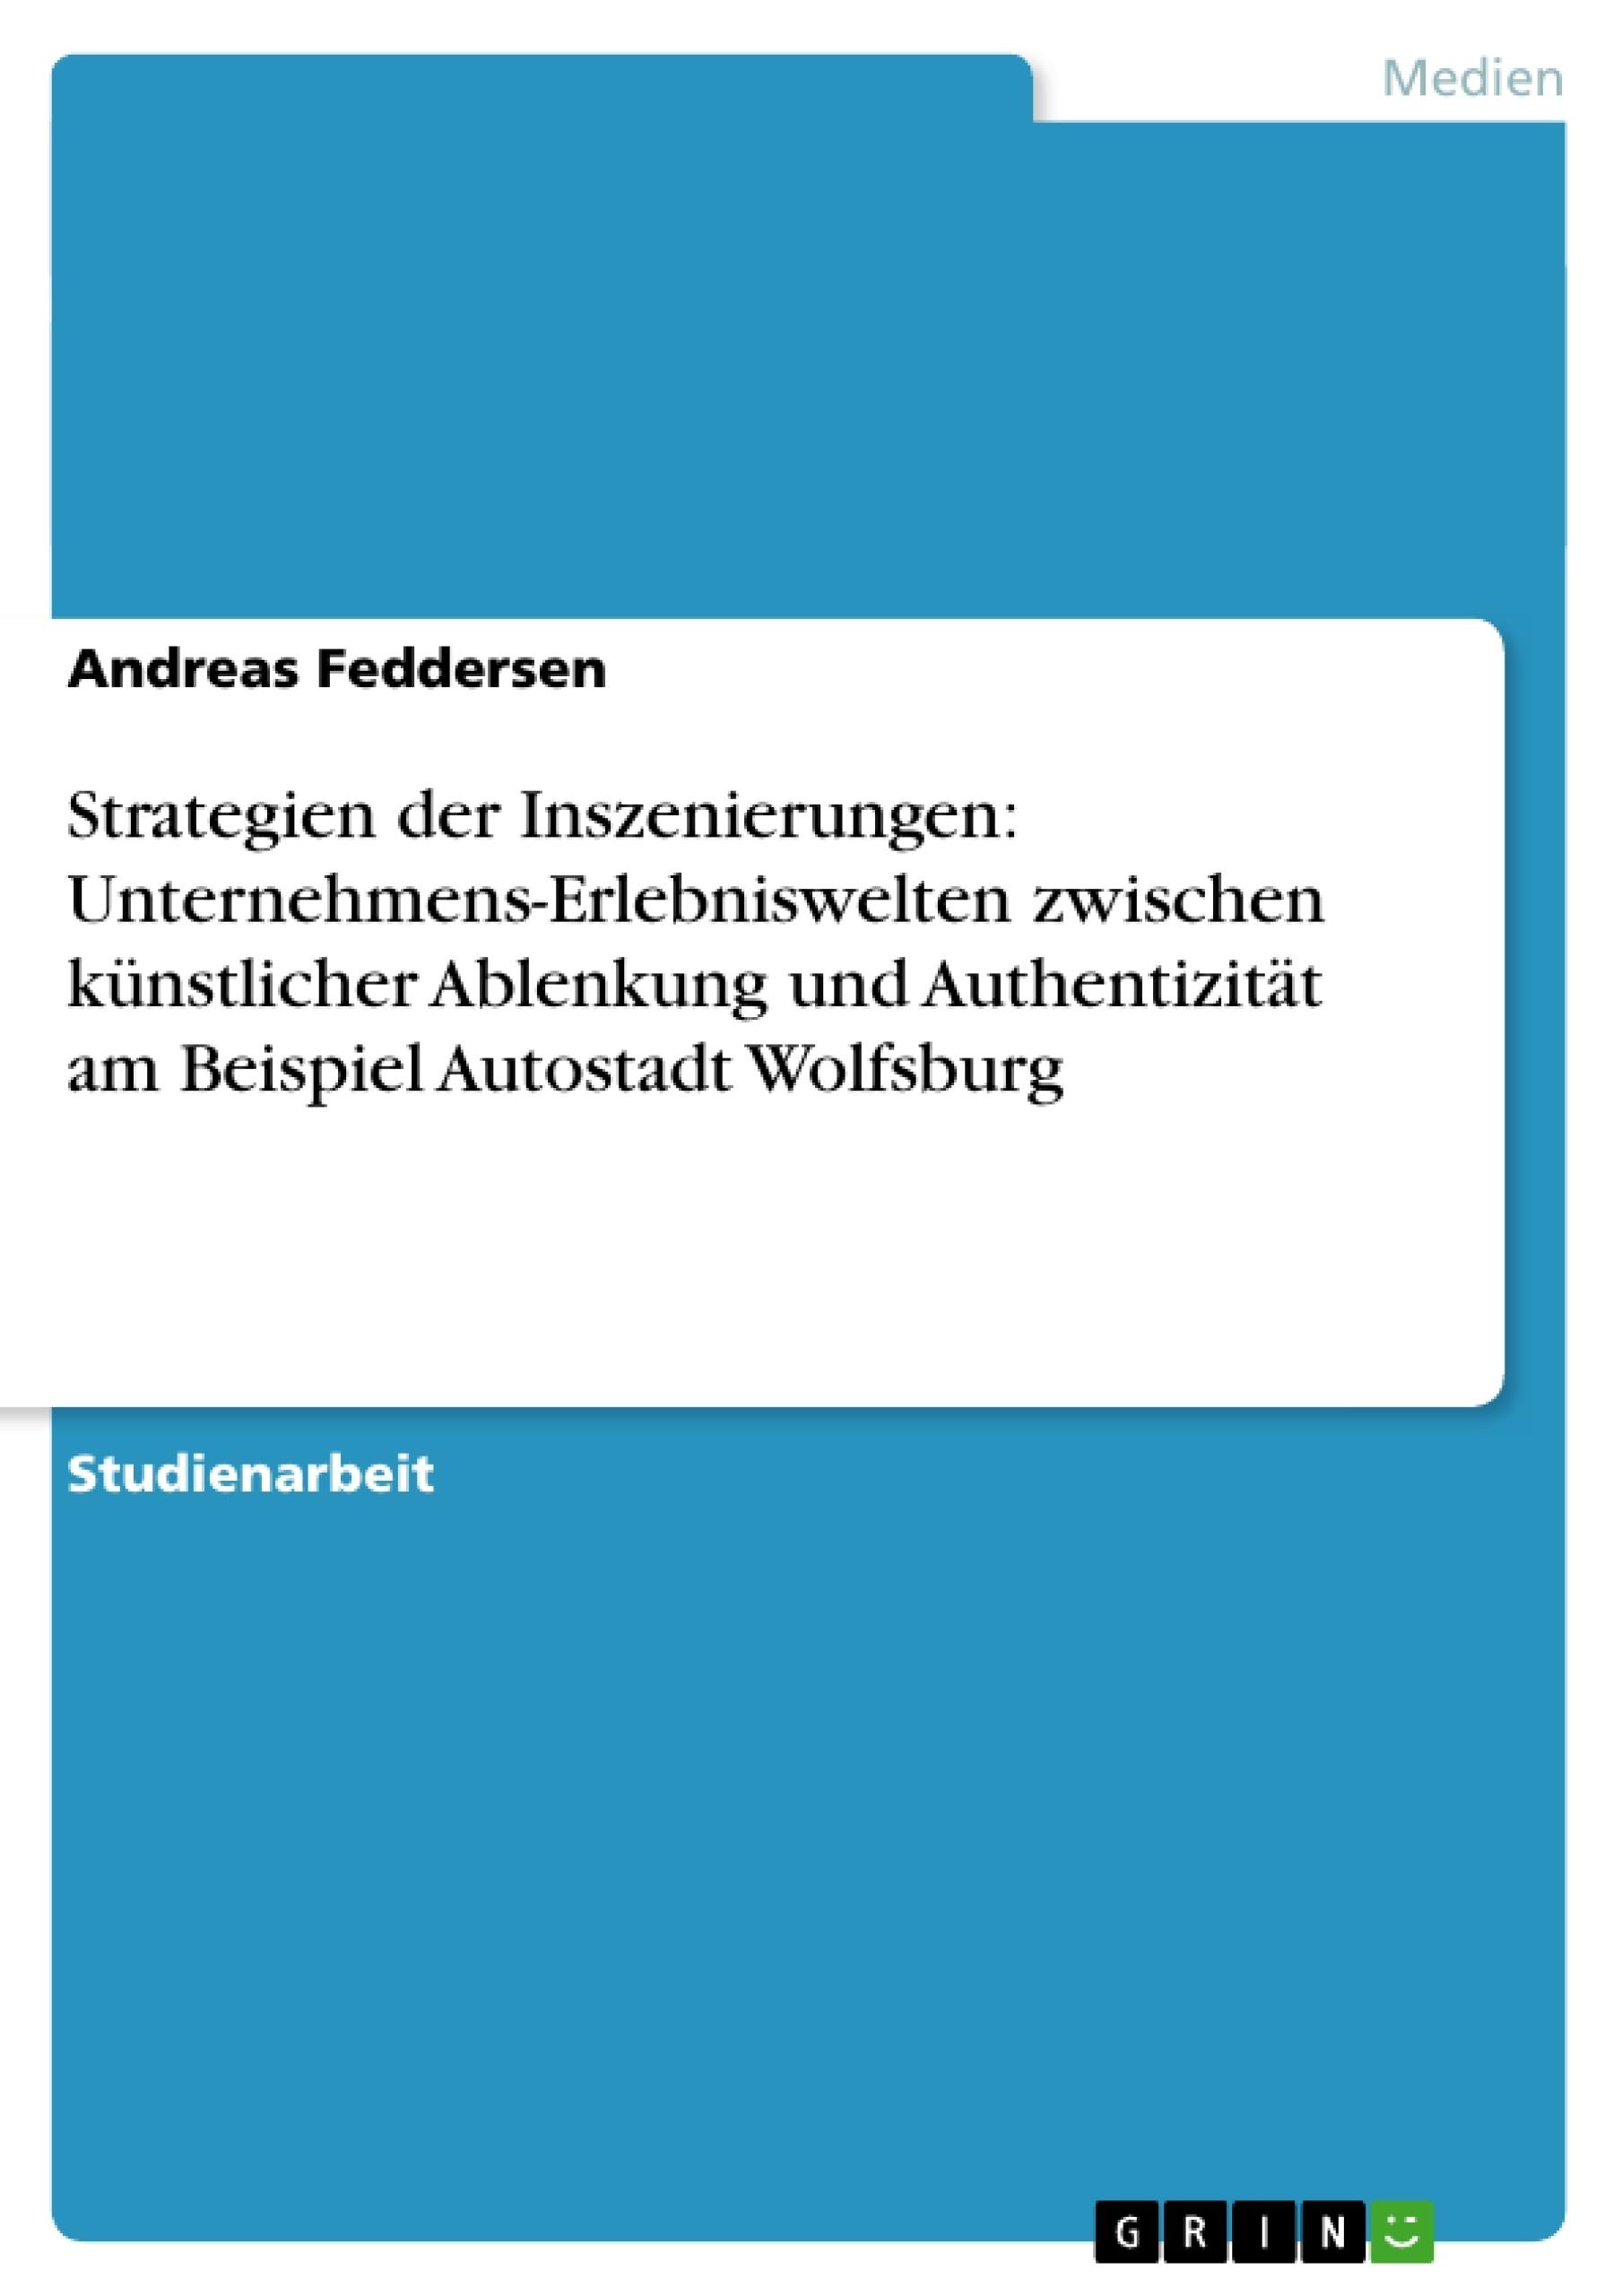 Titel: Strategien der Inszenierungen: Unternehmens-Erlebniswelten zwischen künstlicher Ablenkung und Authentizität am Beispiel Autostadt Wolfsburg